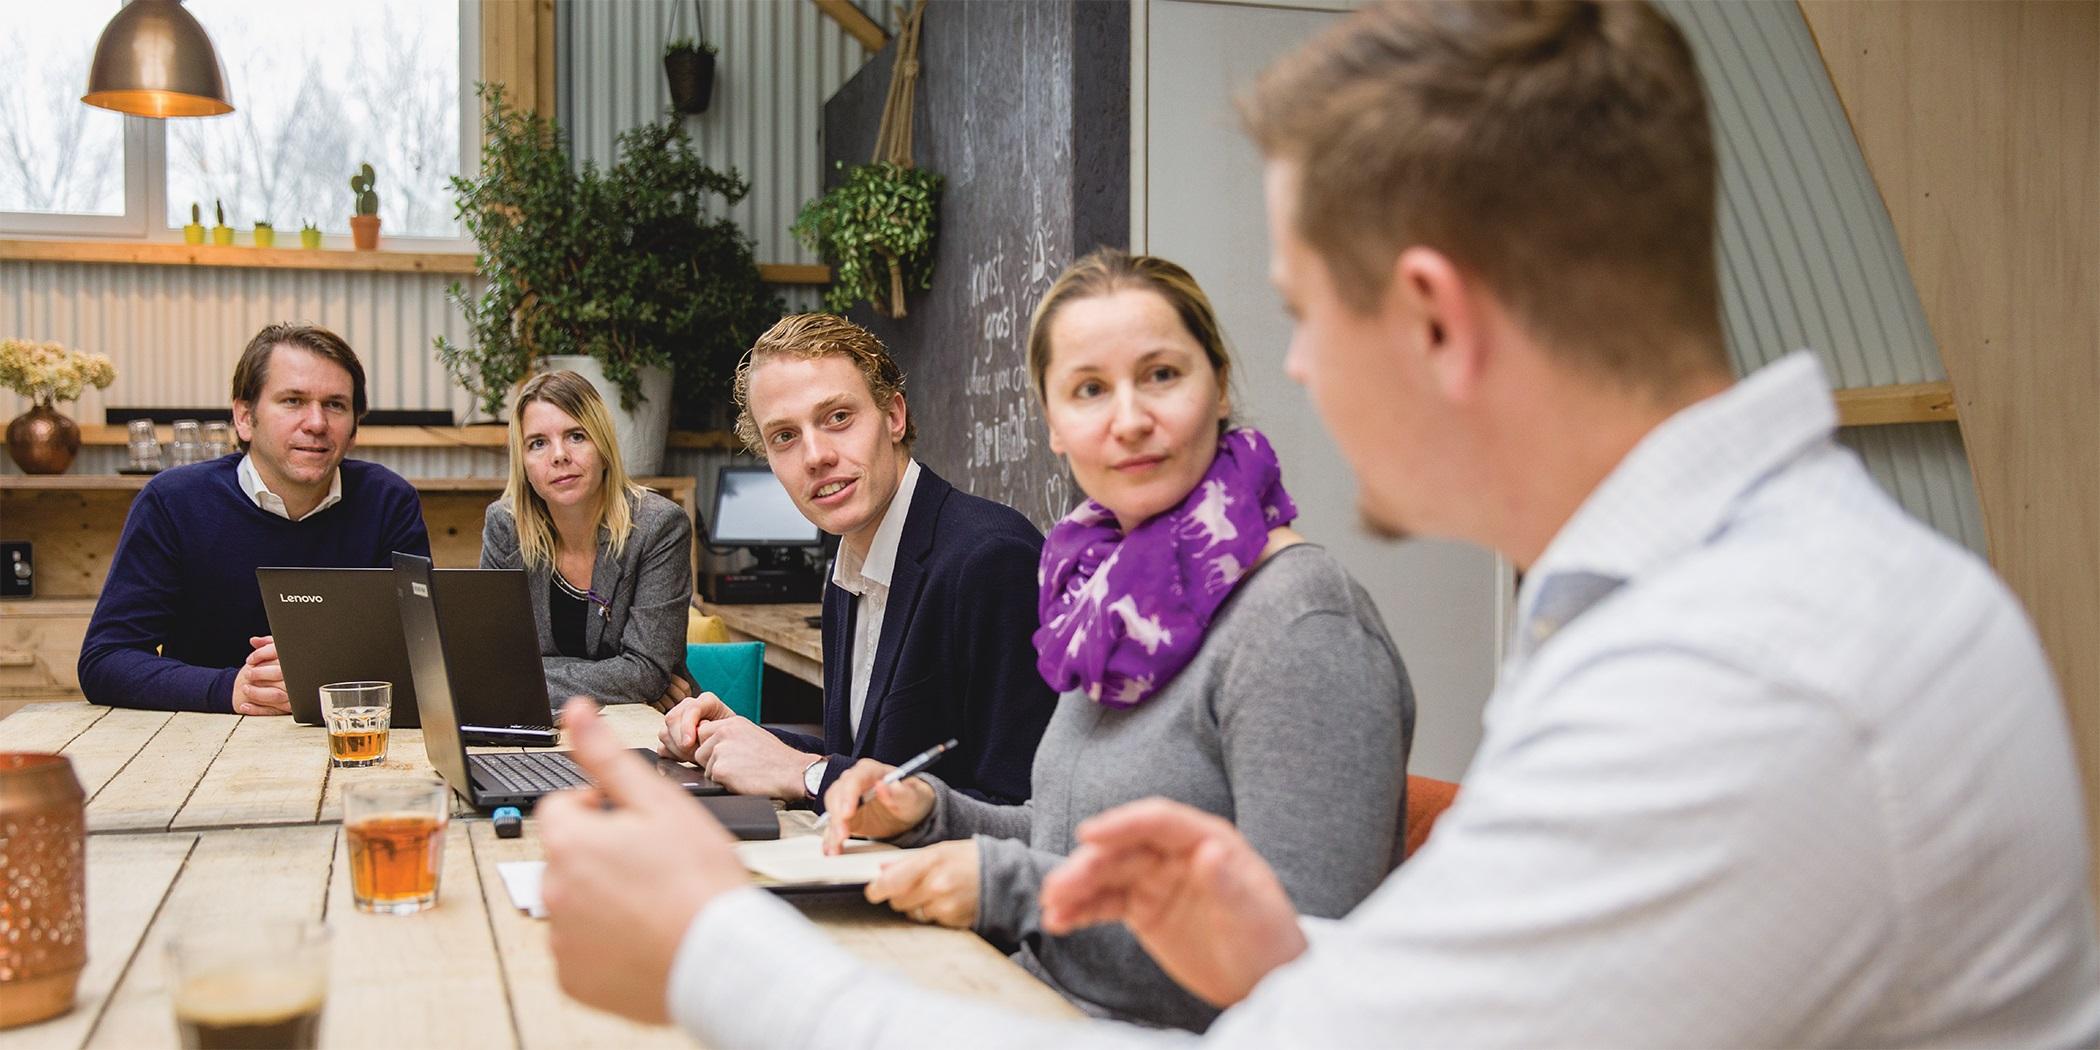 Meetingroom Amsterdam Team Building